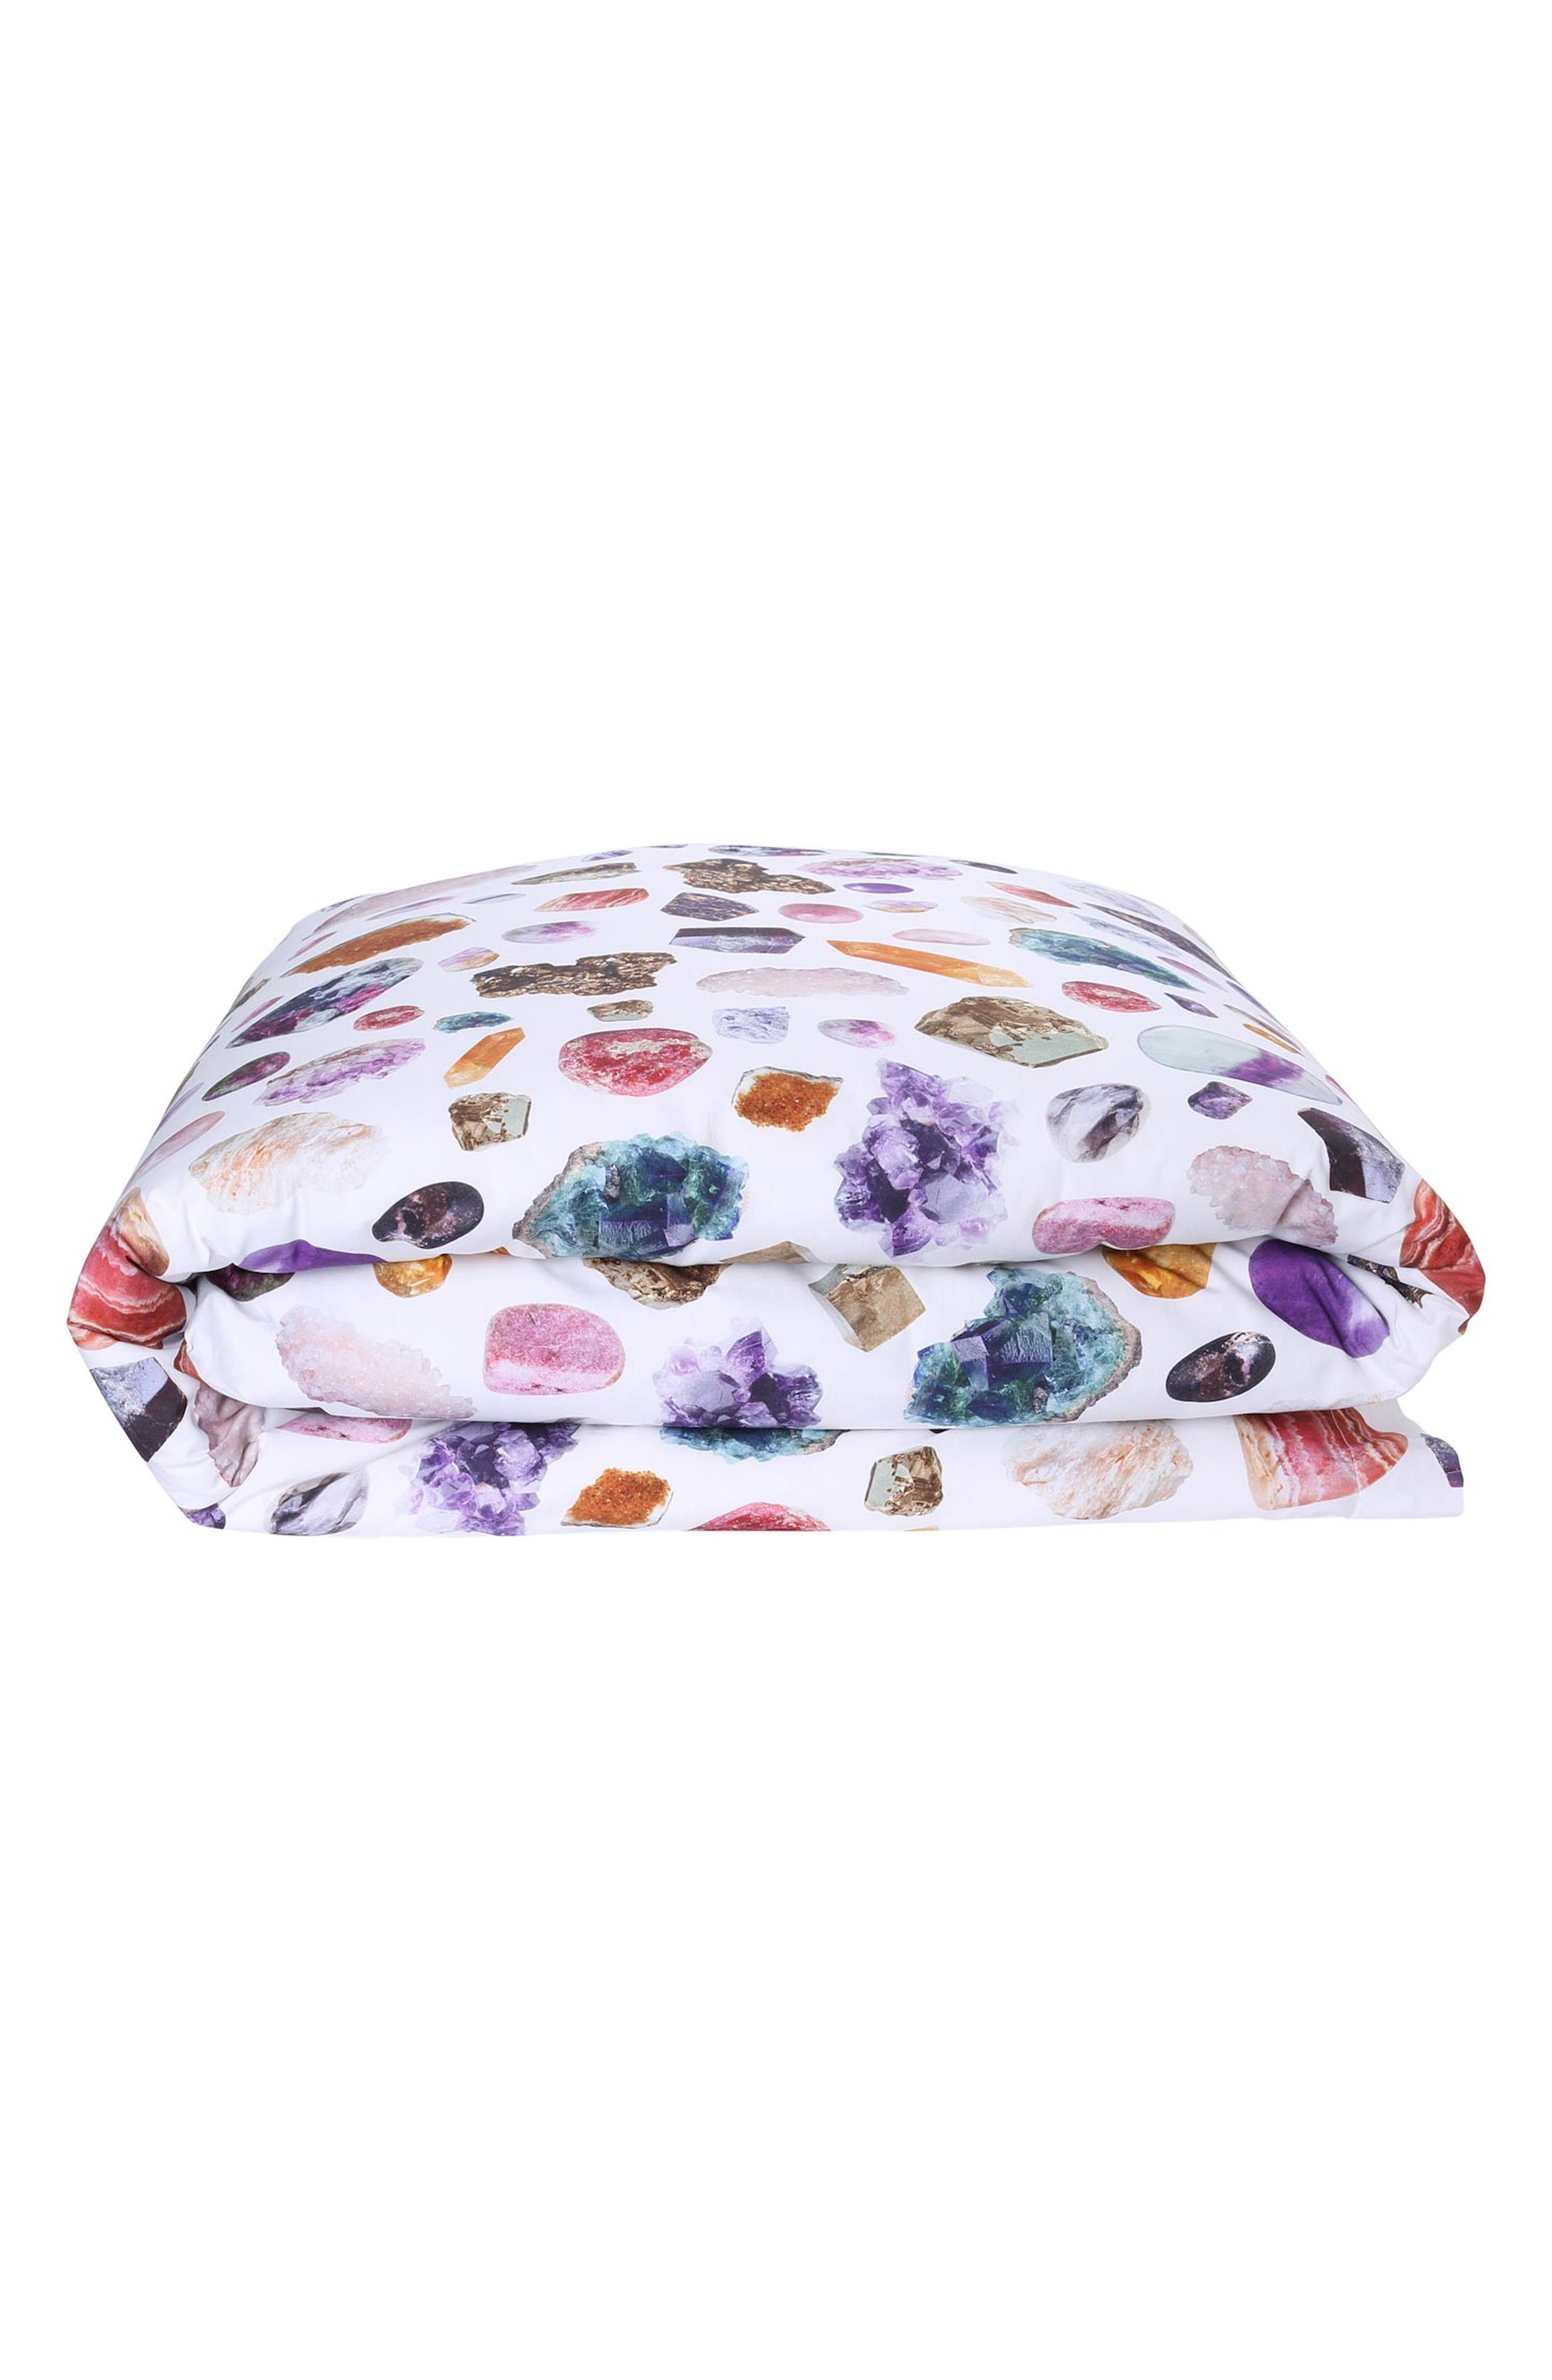 Little Gem Cotton Duvet Cover,                         Main,                         color, MULTI